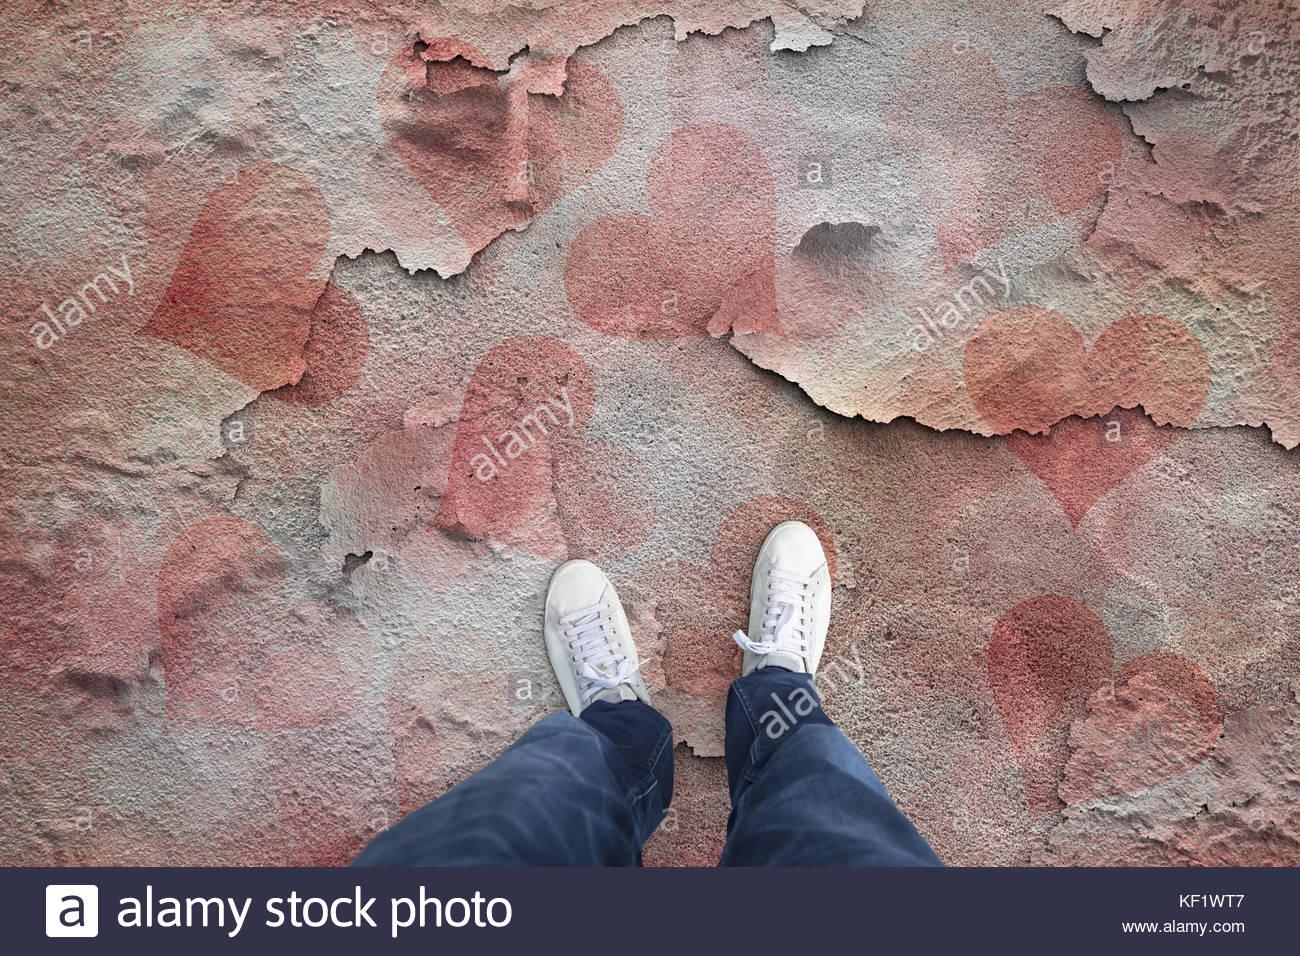 Mann stand auf dem gebrochen und Risse im Boden mit gemalten Lila Rot Herzen. persönliche Perspektive verwendet. Stockbild